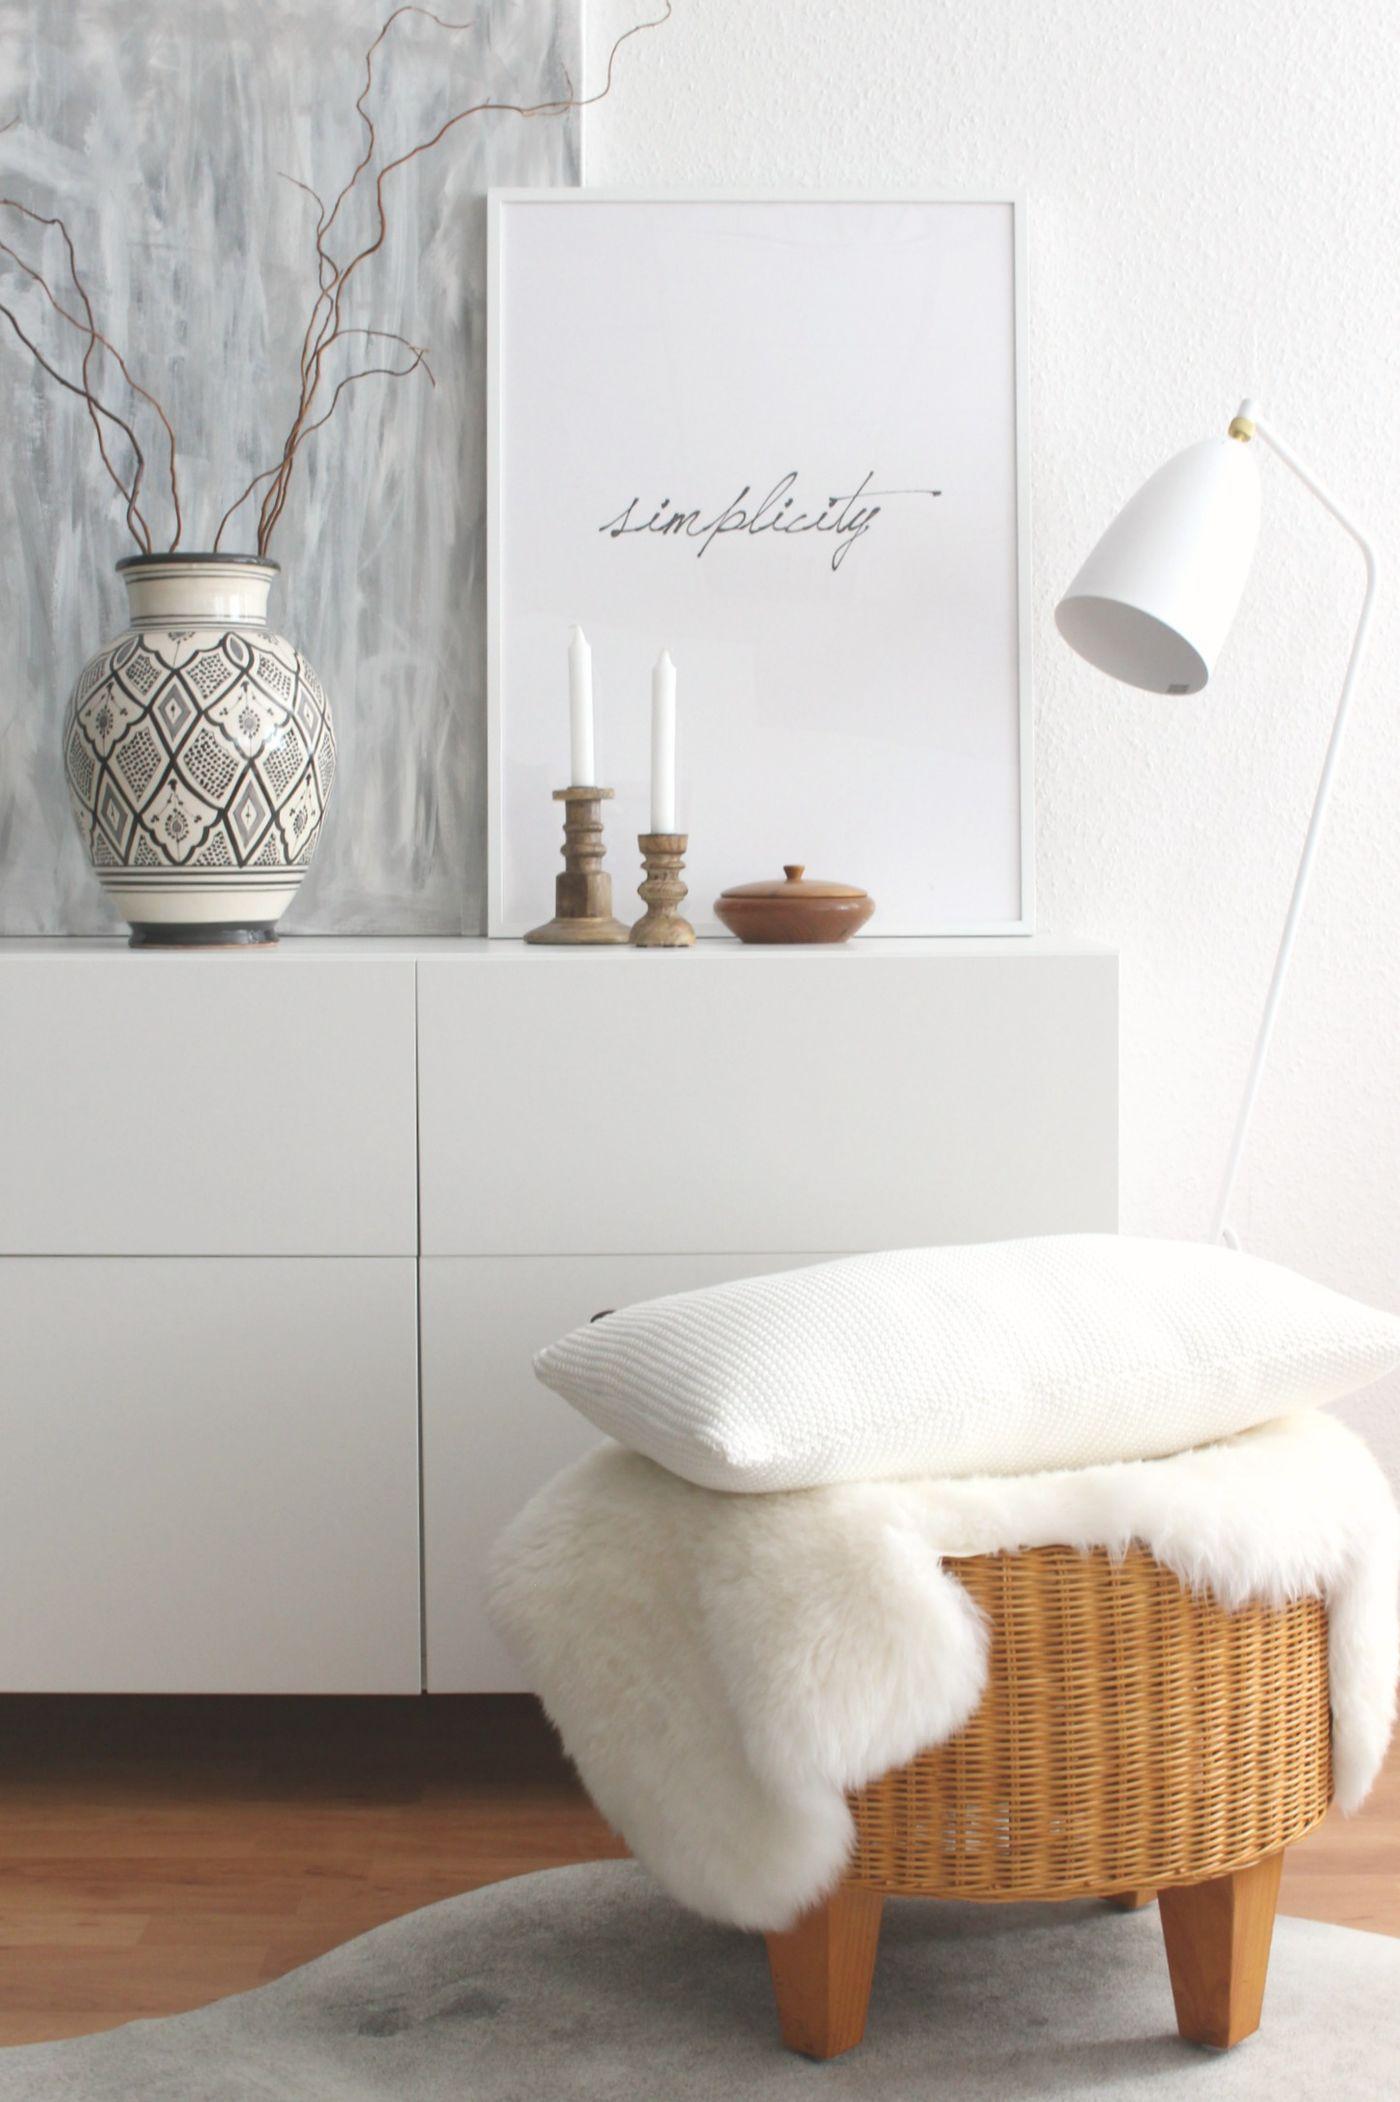 Die Schonsten Ideen Mit Dem Ikea Besta System